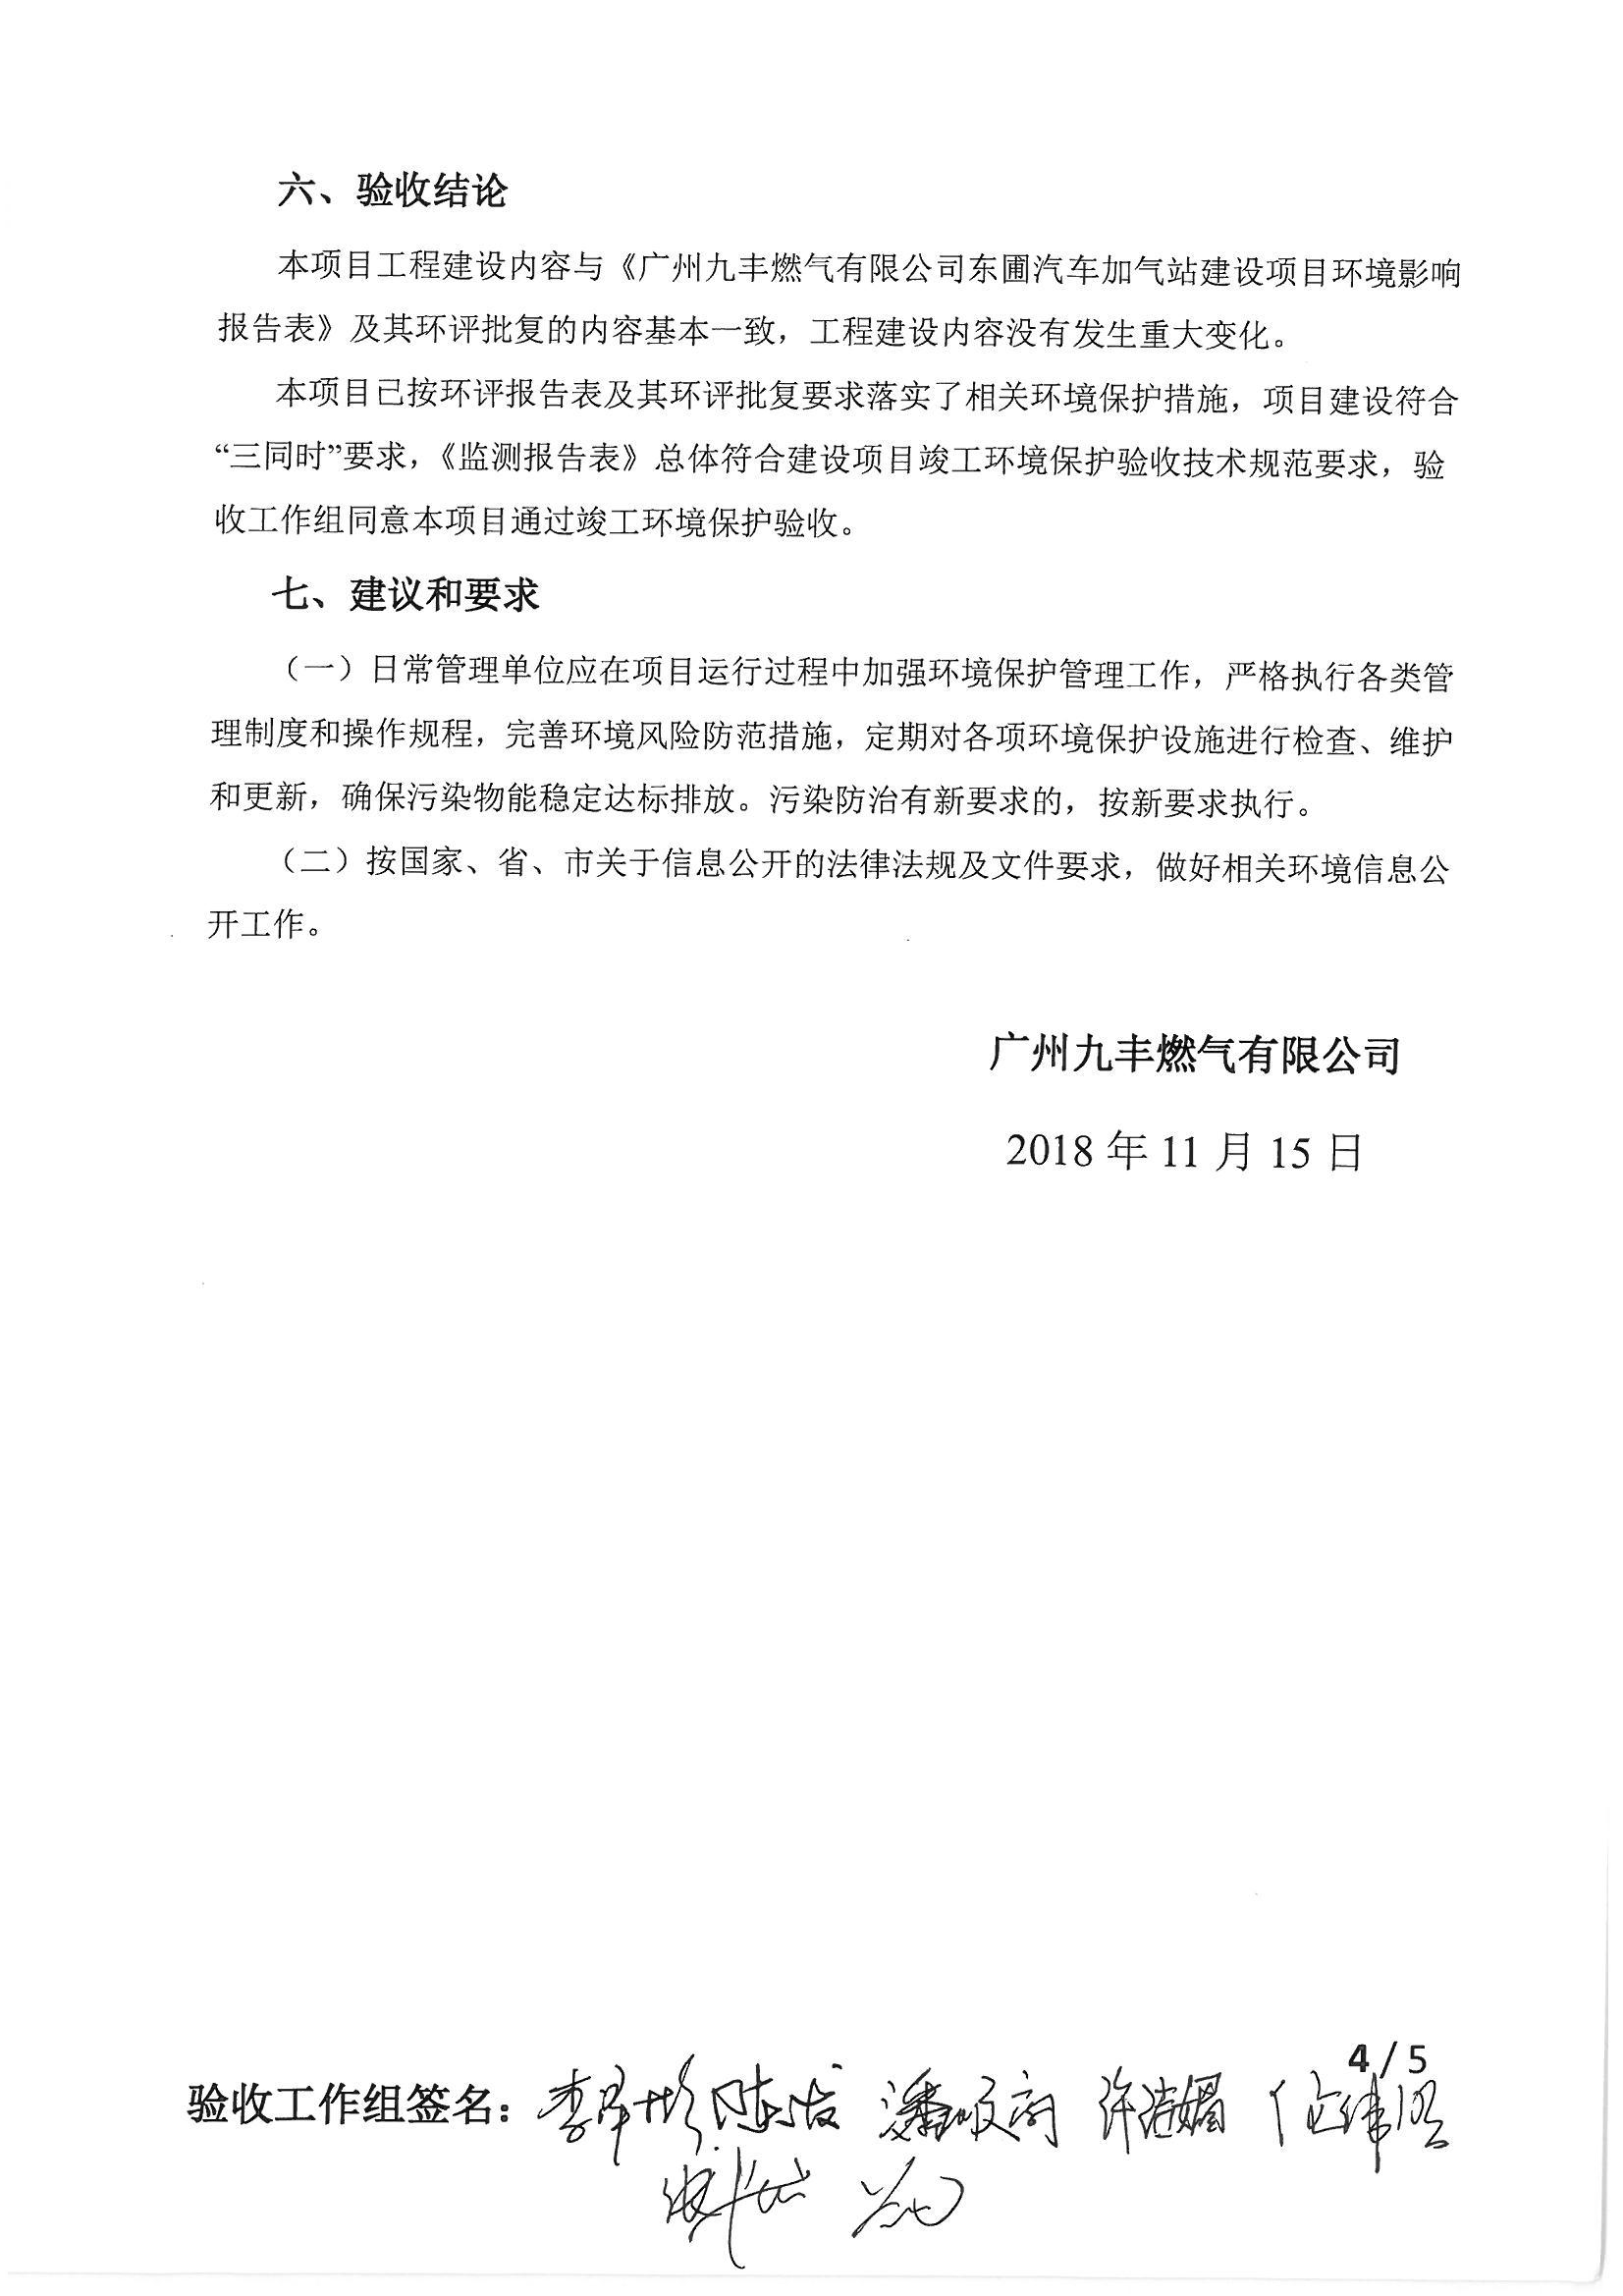 广州九丰燃气有限公司东圃汽车加气站项目竣工环境保护验收意见_页面_4